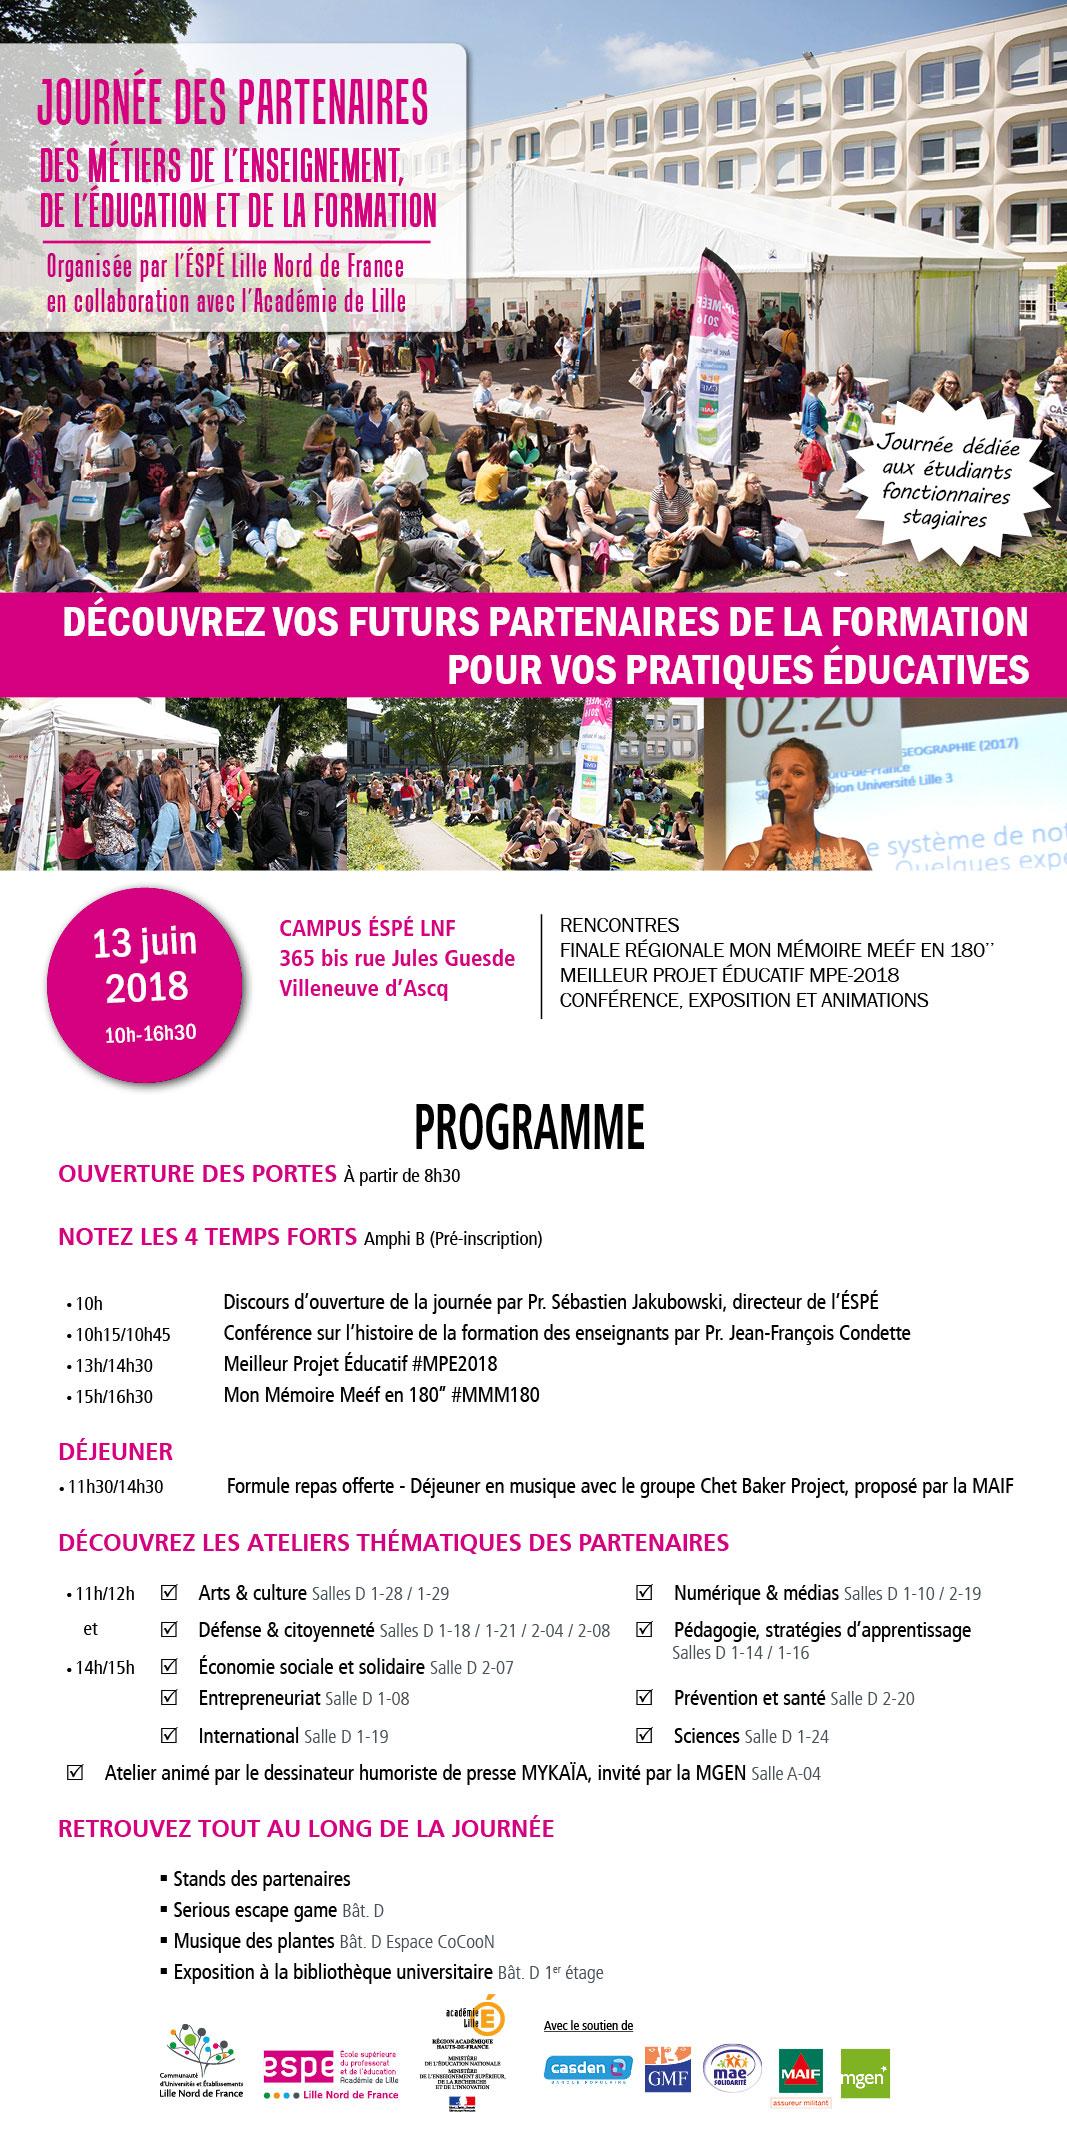 Programme de l'évènement